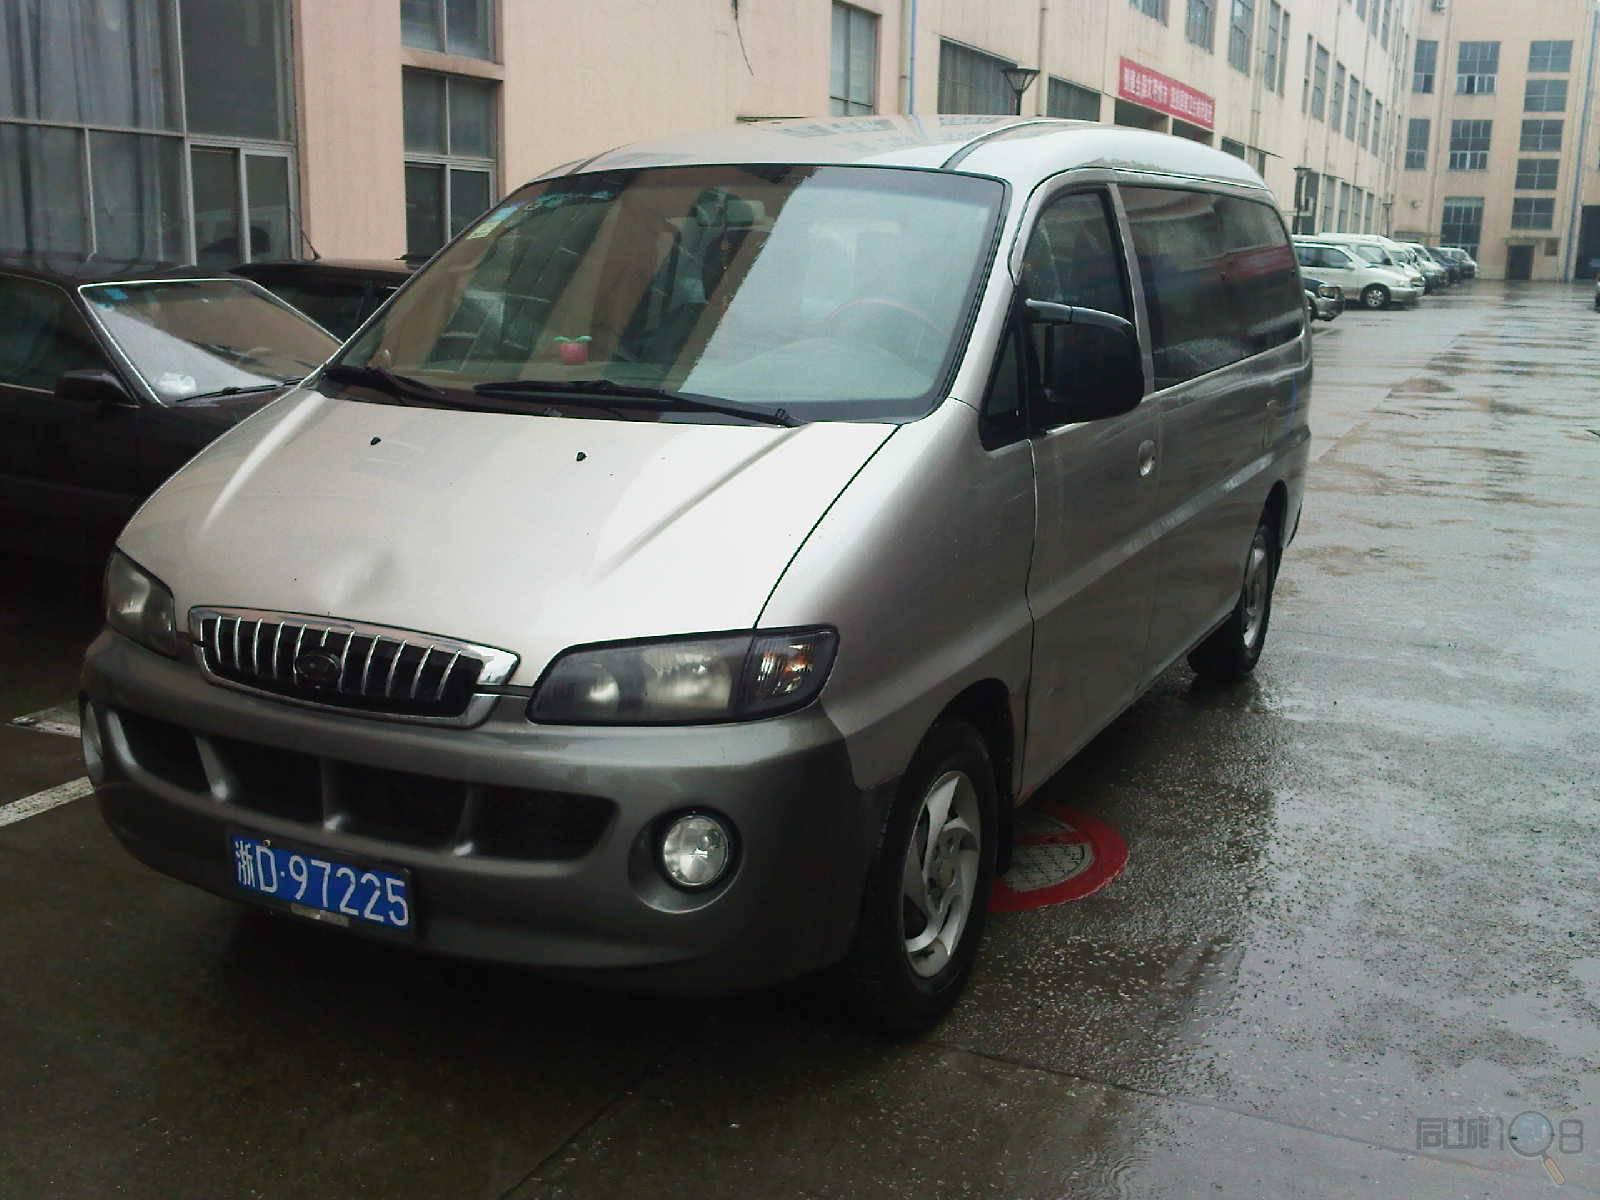 [越城区]小型商务车-现代瑞风 _绍兴汽车信息网_绍兴